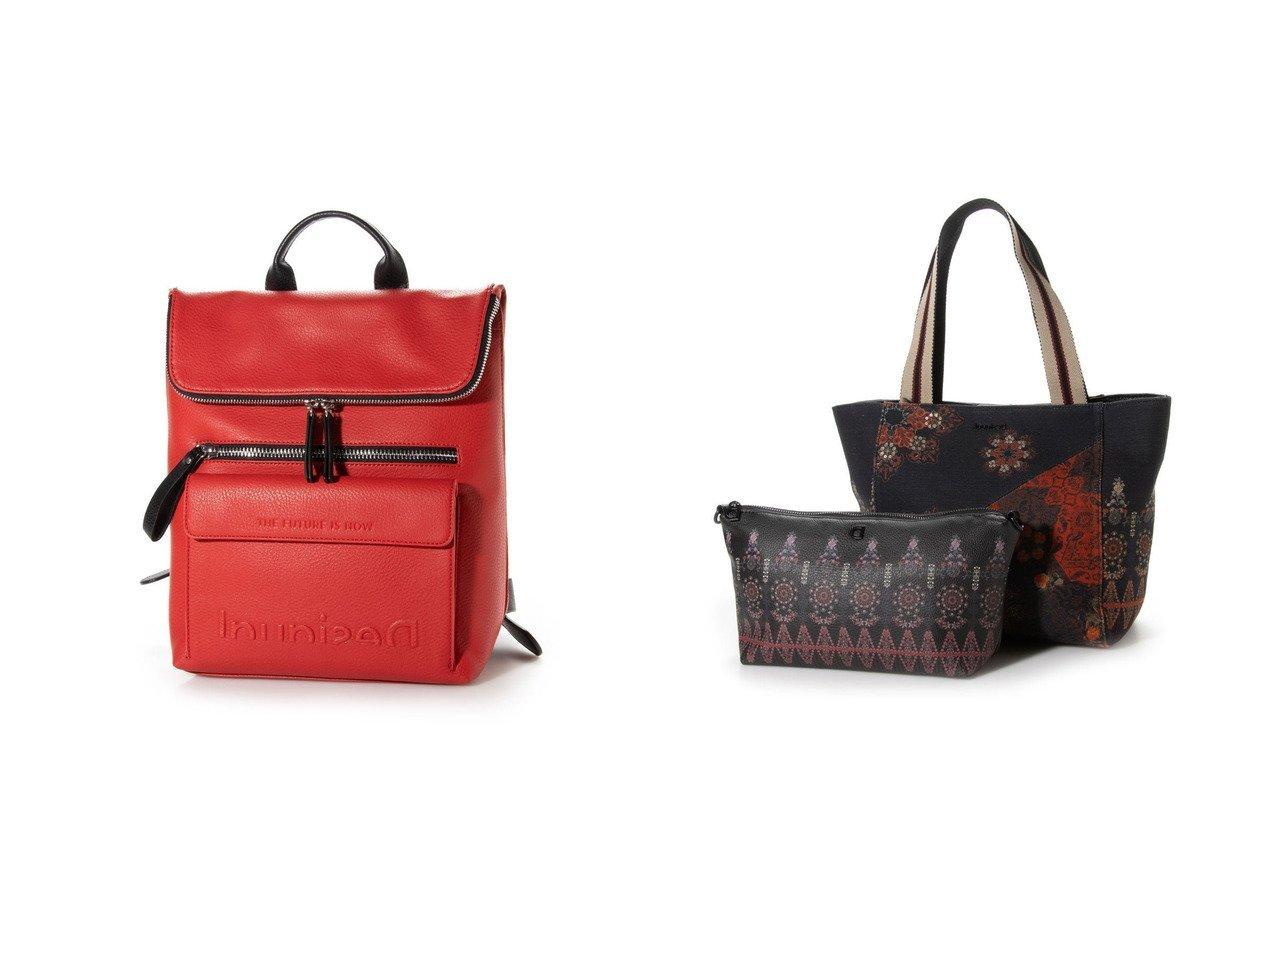 【Desigual/デシグアル】のバックパック EMBOSSED HALF LOGO NERANO&ショッピングバッグ INDOPATCH NORWICH バッグ・鞄のおすすめ!人気、トレンド・レディースファッションの通販 おすすめで人気の流行・トレンド、ファッションの通販商品 メンズファッション・キッズファッション・インテリア・家具・レディースファッション・服の通販 founy(ファニー) https://founy.com/ ファッション Fashion レディースファッション WOMEN バッグ Bag アクセサリー 春 Spring 財布 チャーム フラップ フロント ポケット マキシ 無地 2021年 2021 S/S 春夏 SS Spring/Summer 2021 春夏 S/S SS Spring/Summer 2021 パッチワーク プリント  ID:crp329100000016343